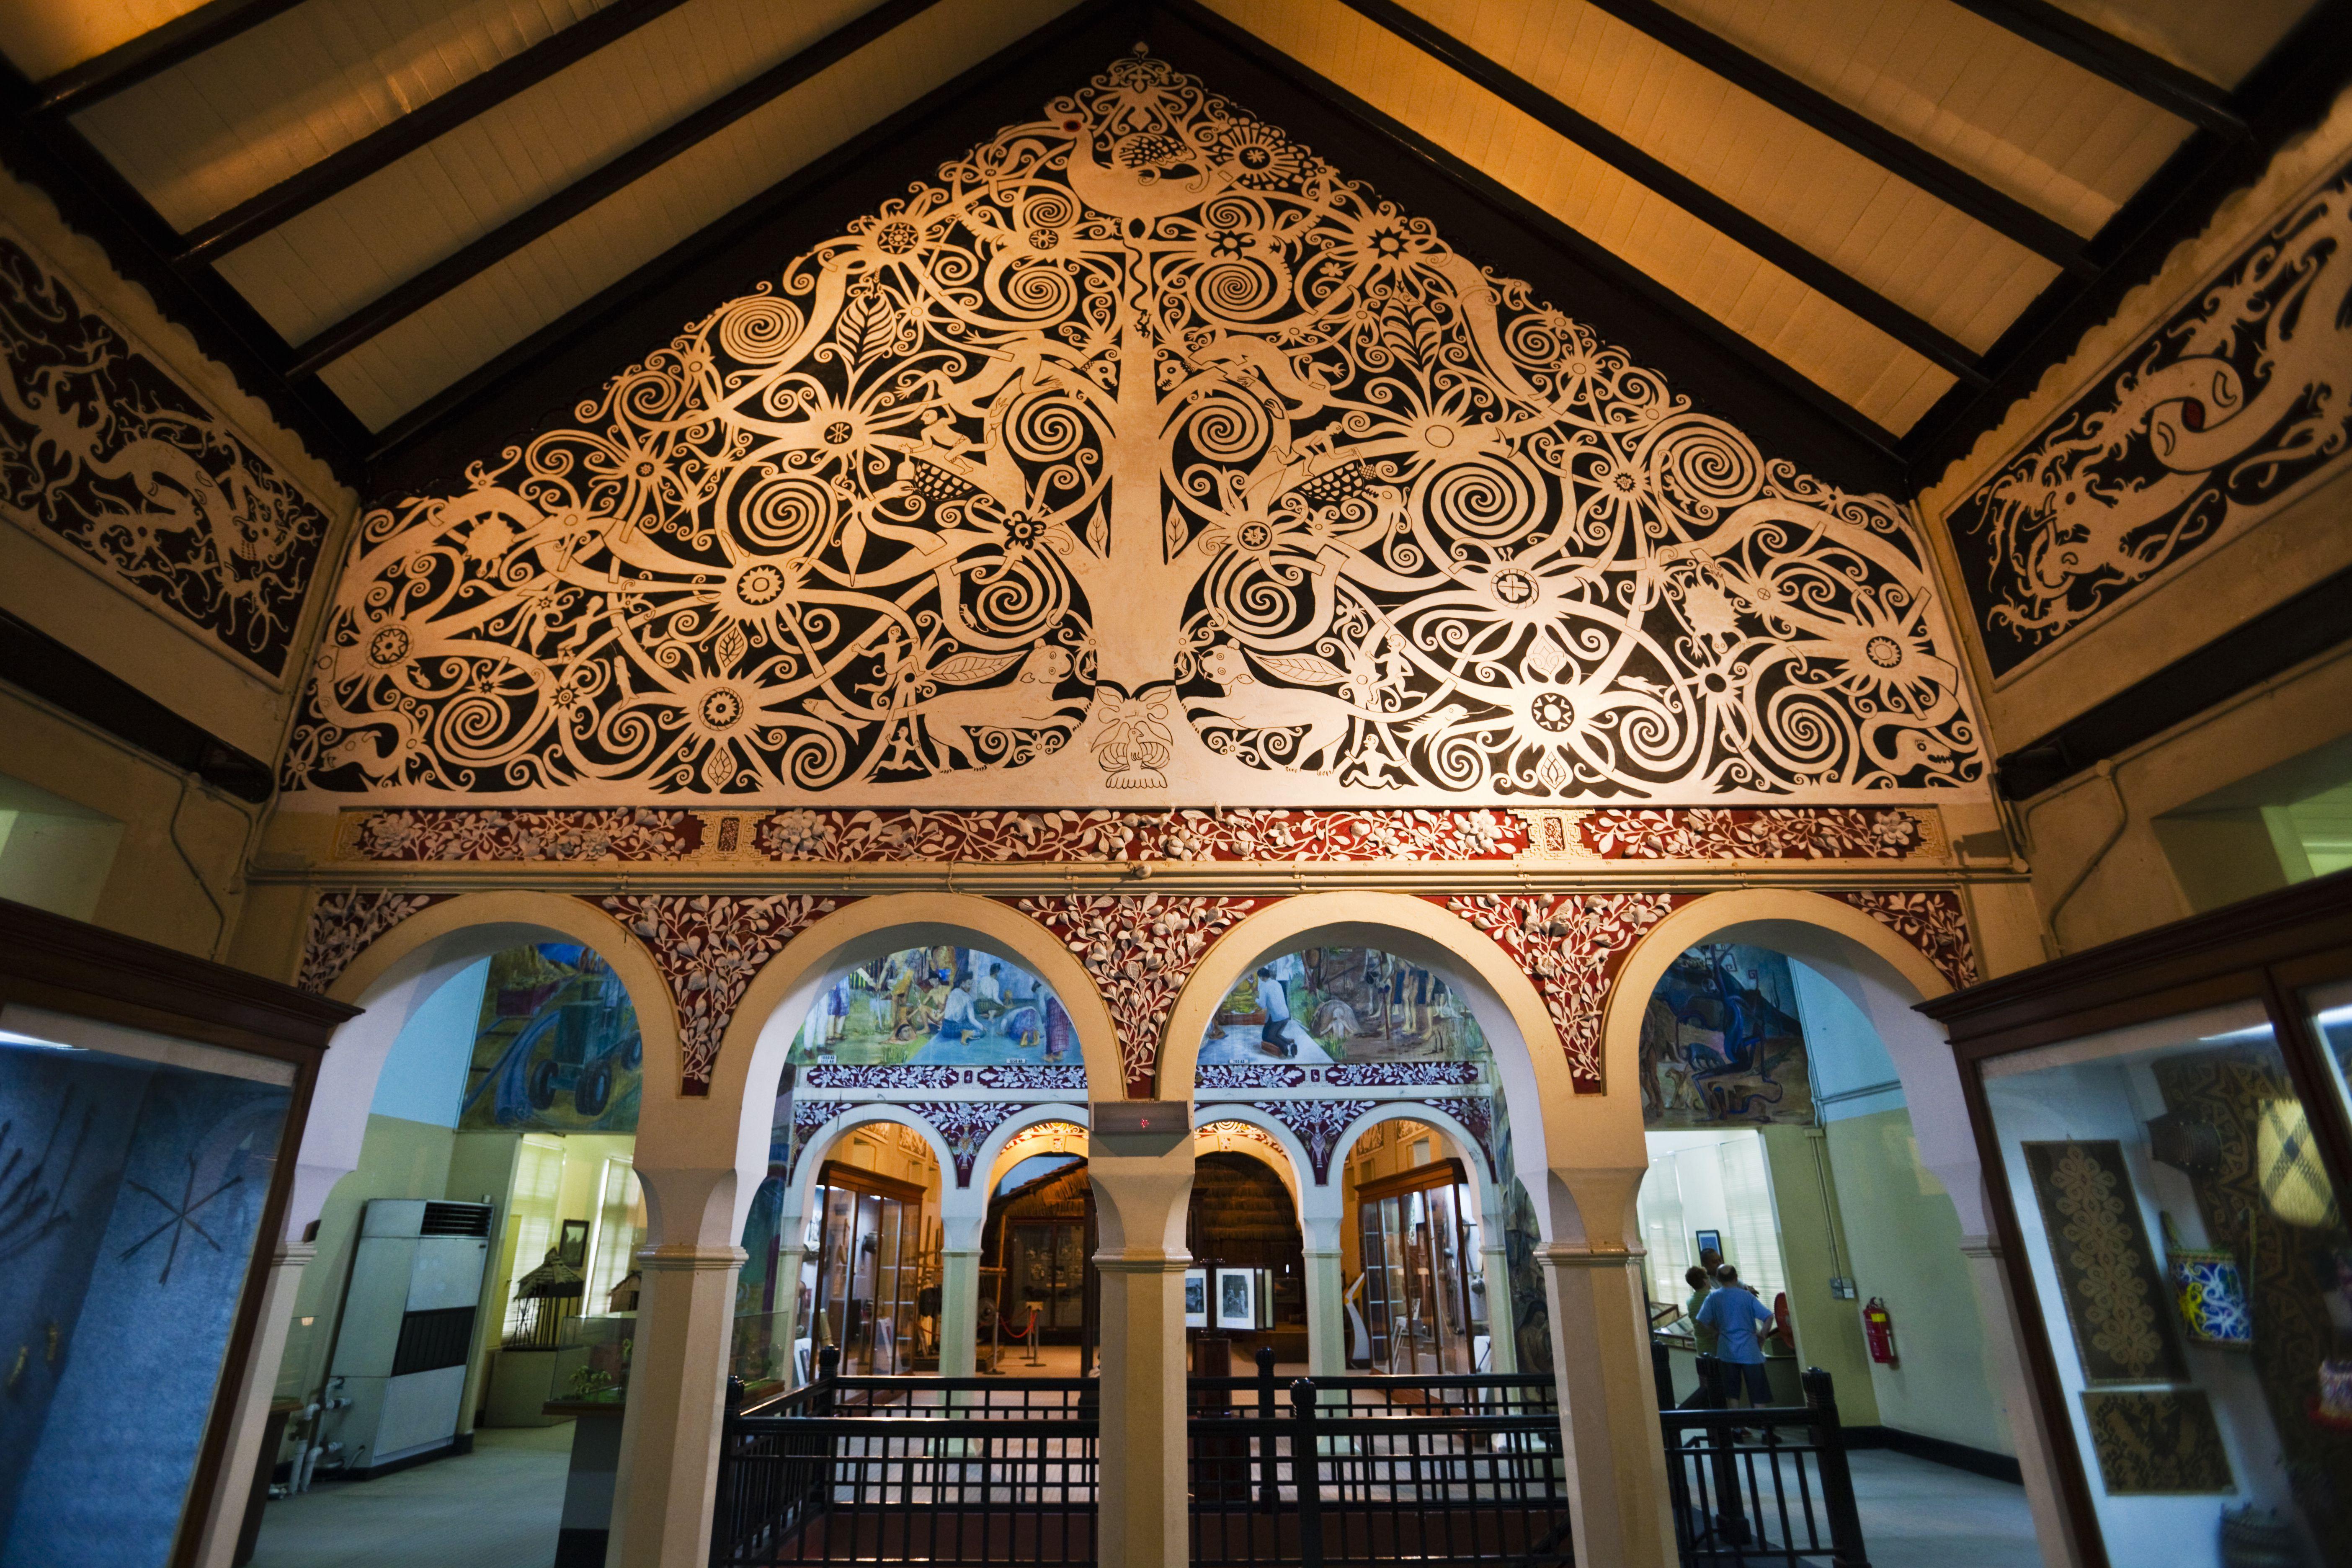 sarawak museum in Kuching